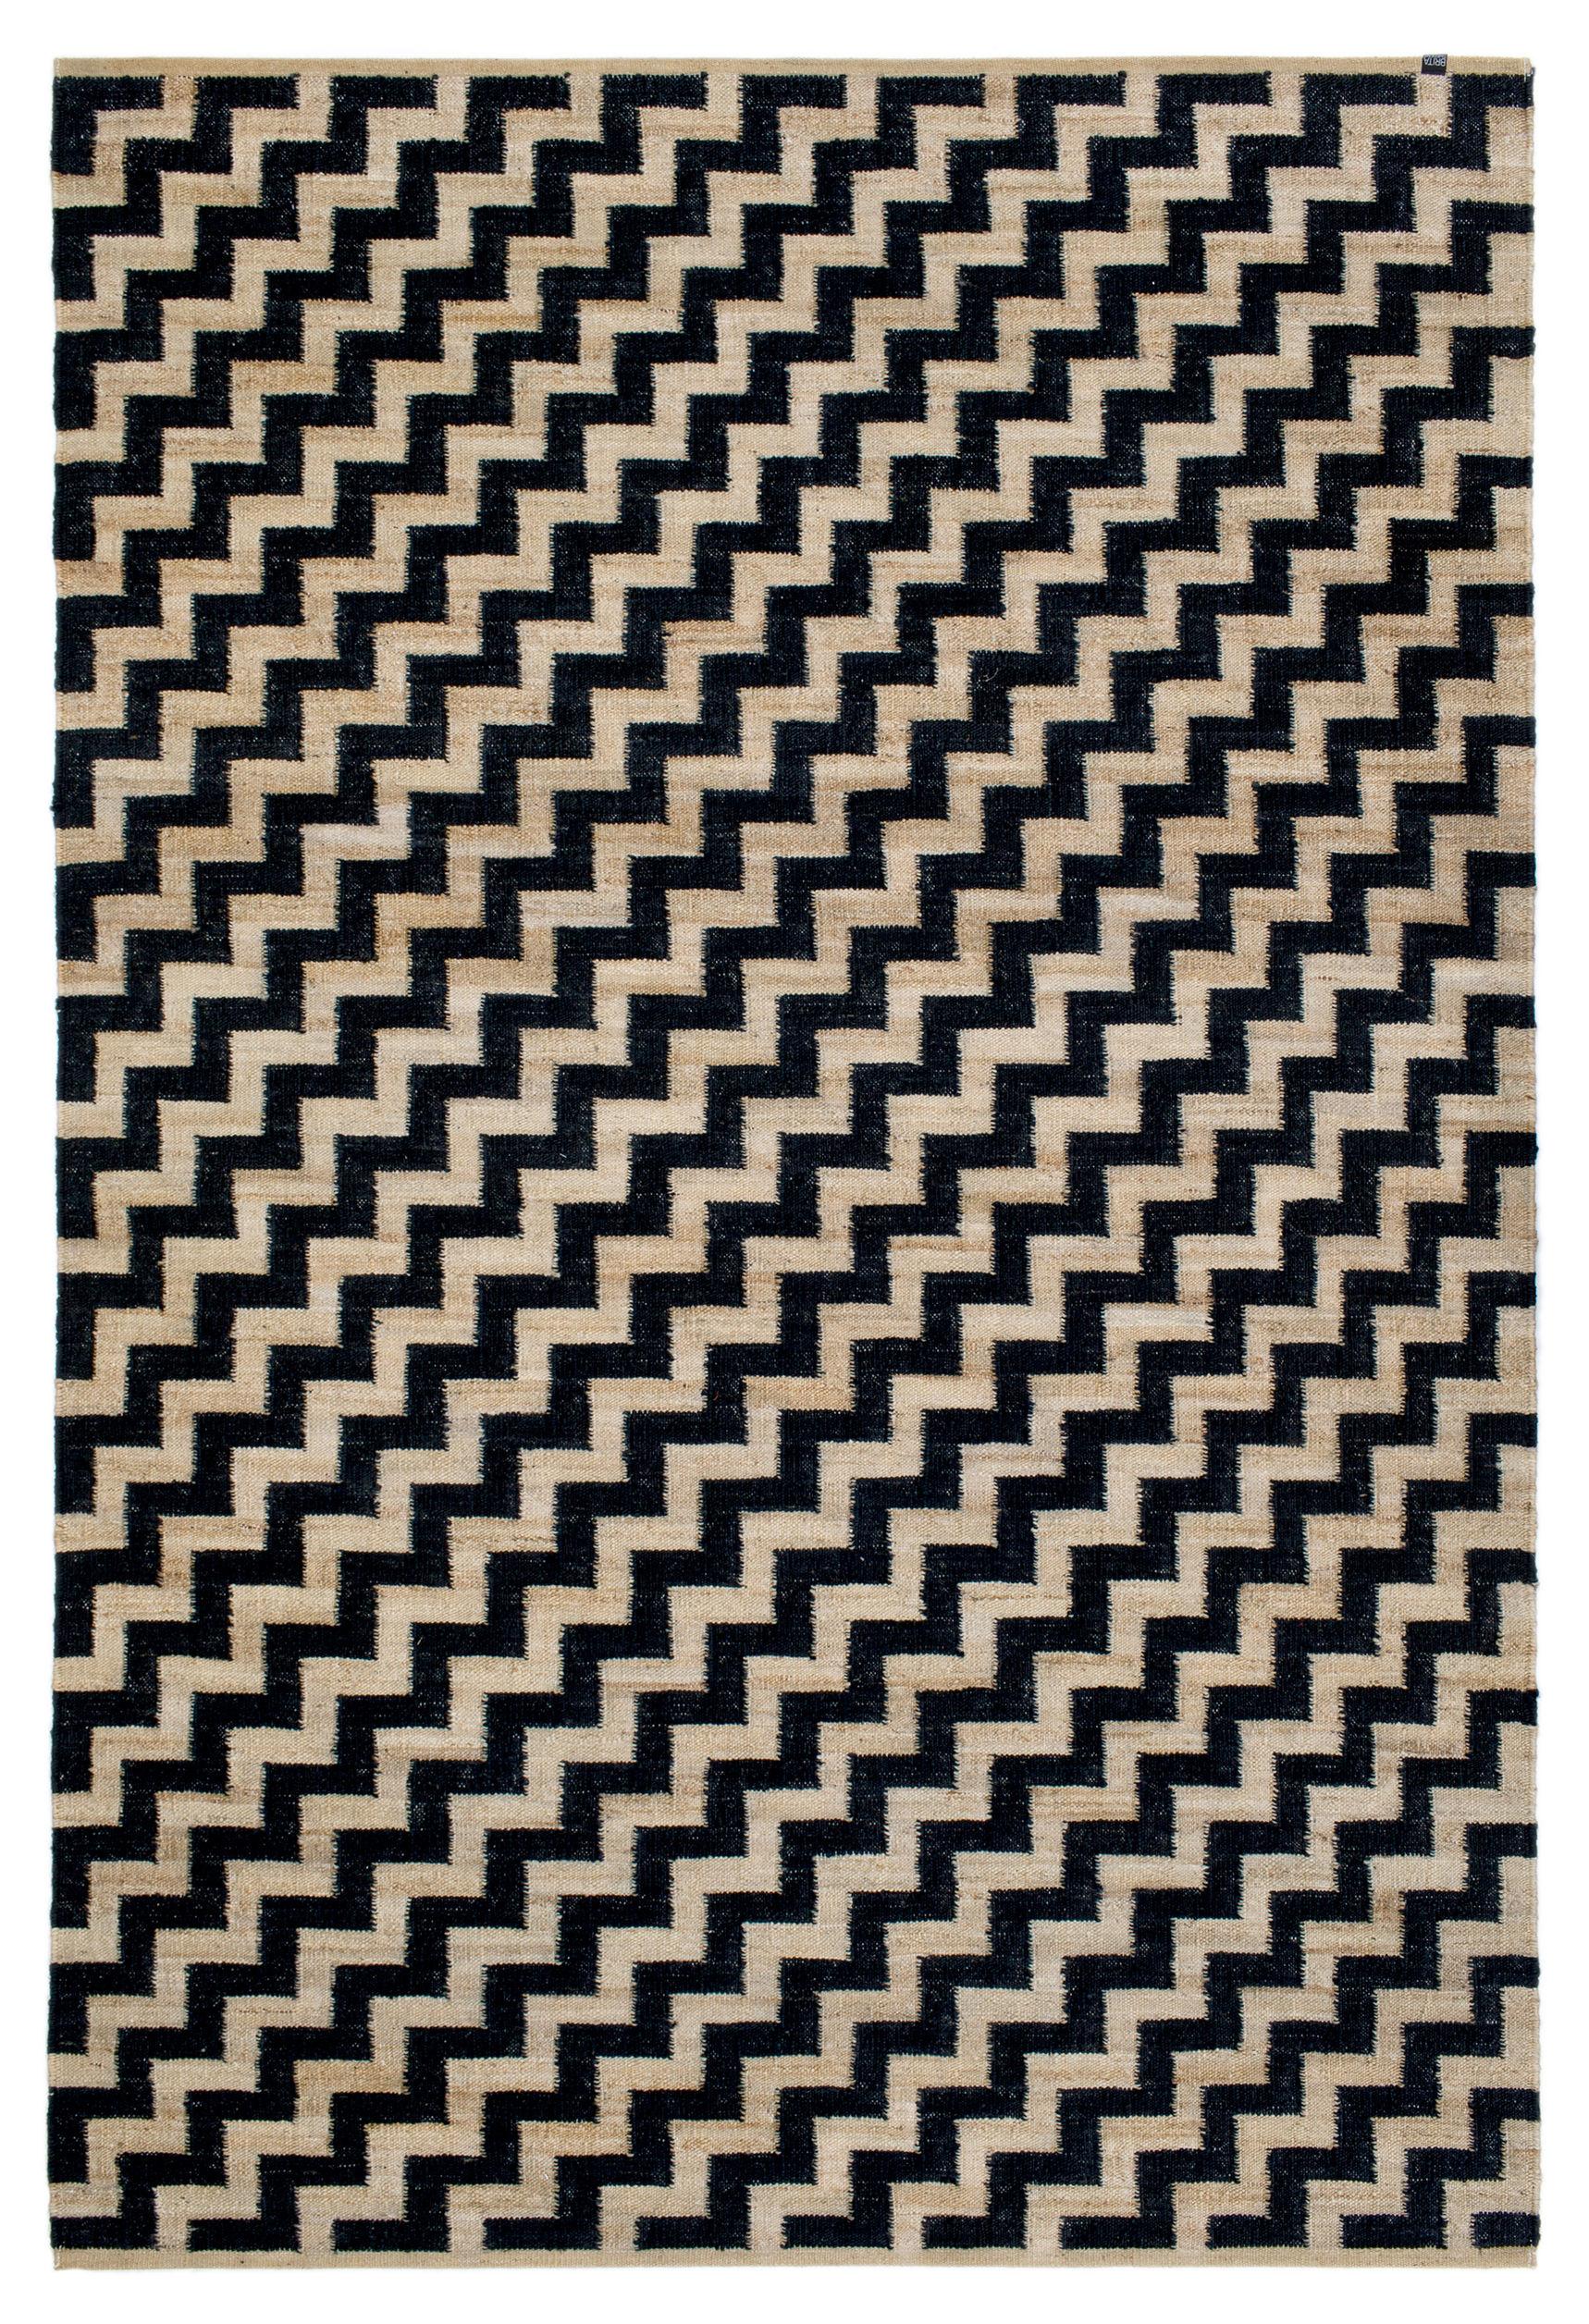 Tapis Gunnel Chanvre 170 X 250 Cm Noir Chanvre Naturel Brita